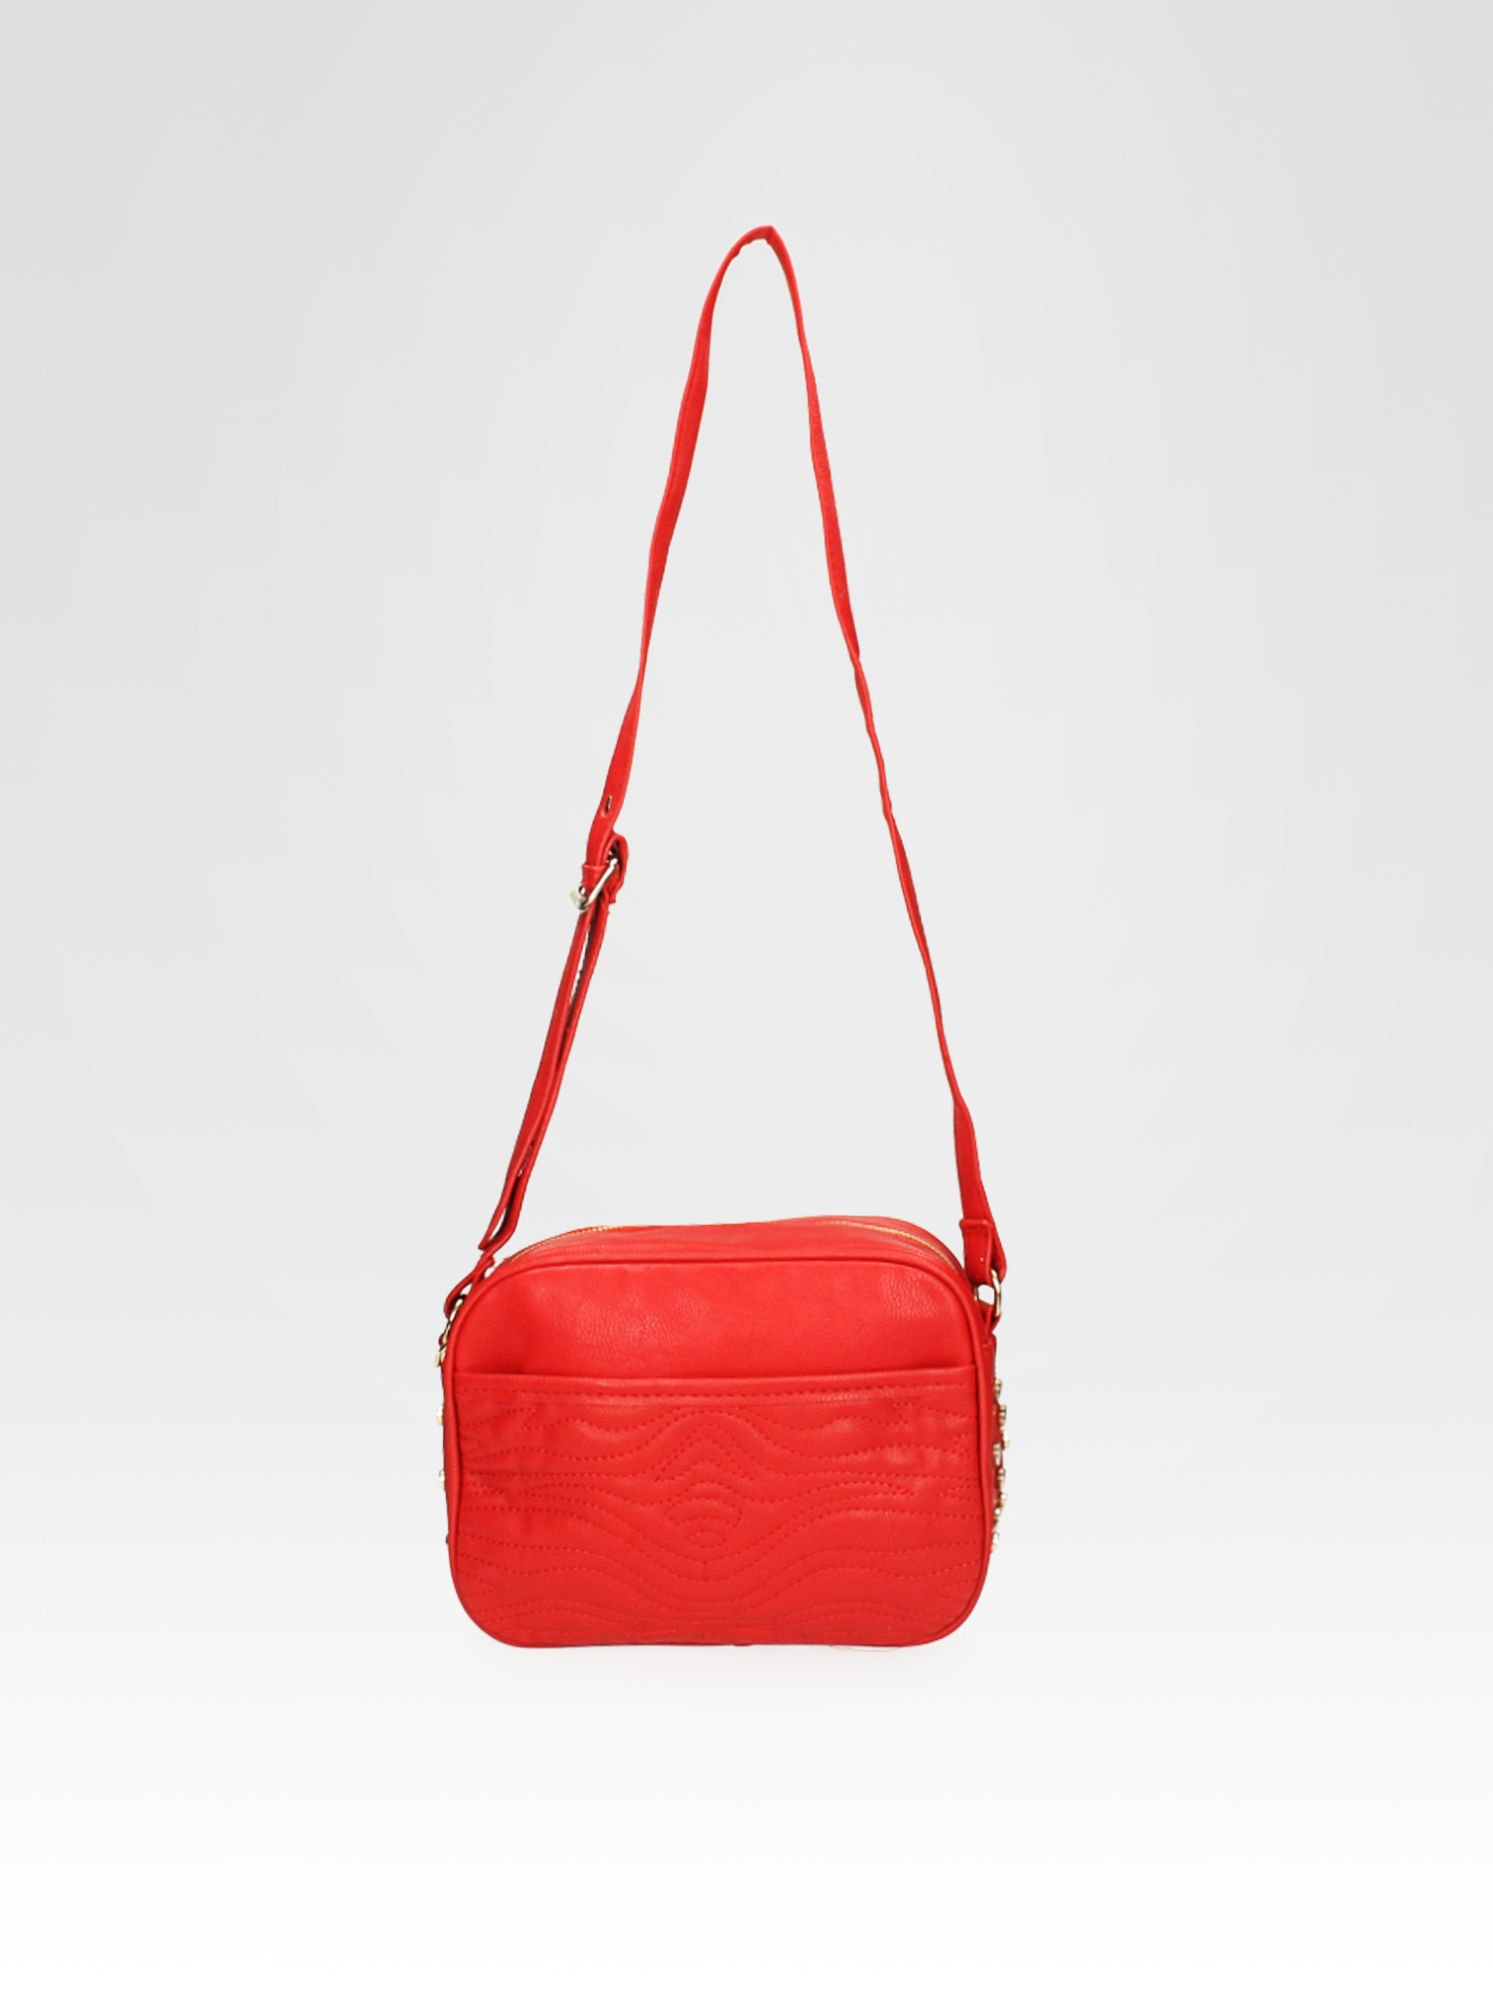 Czerwona mała torebka listonoszka z dżetami                                  zdj.                                  4